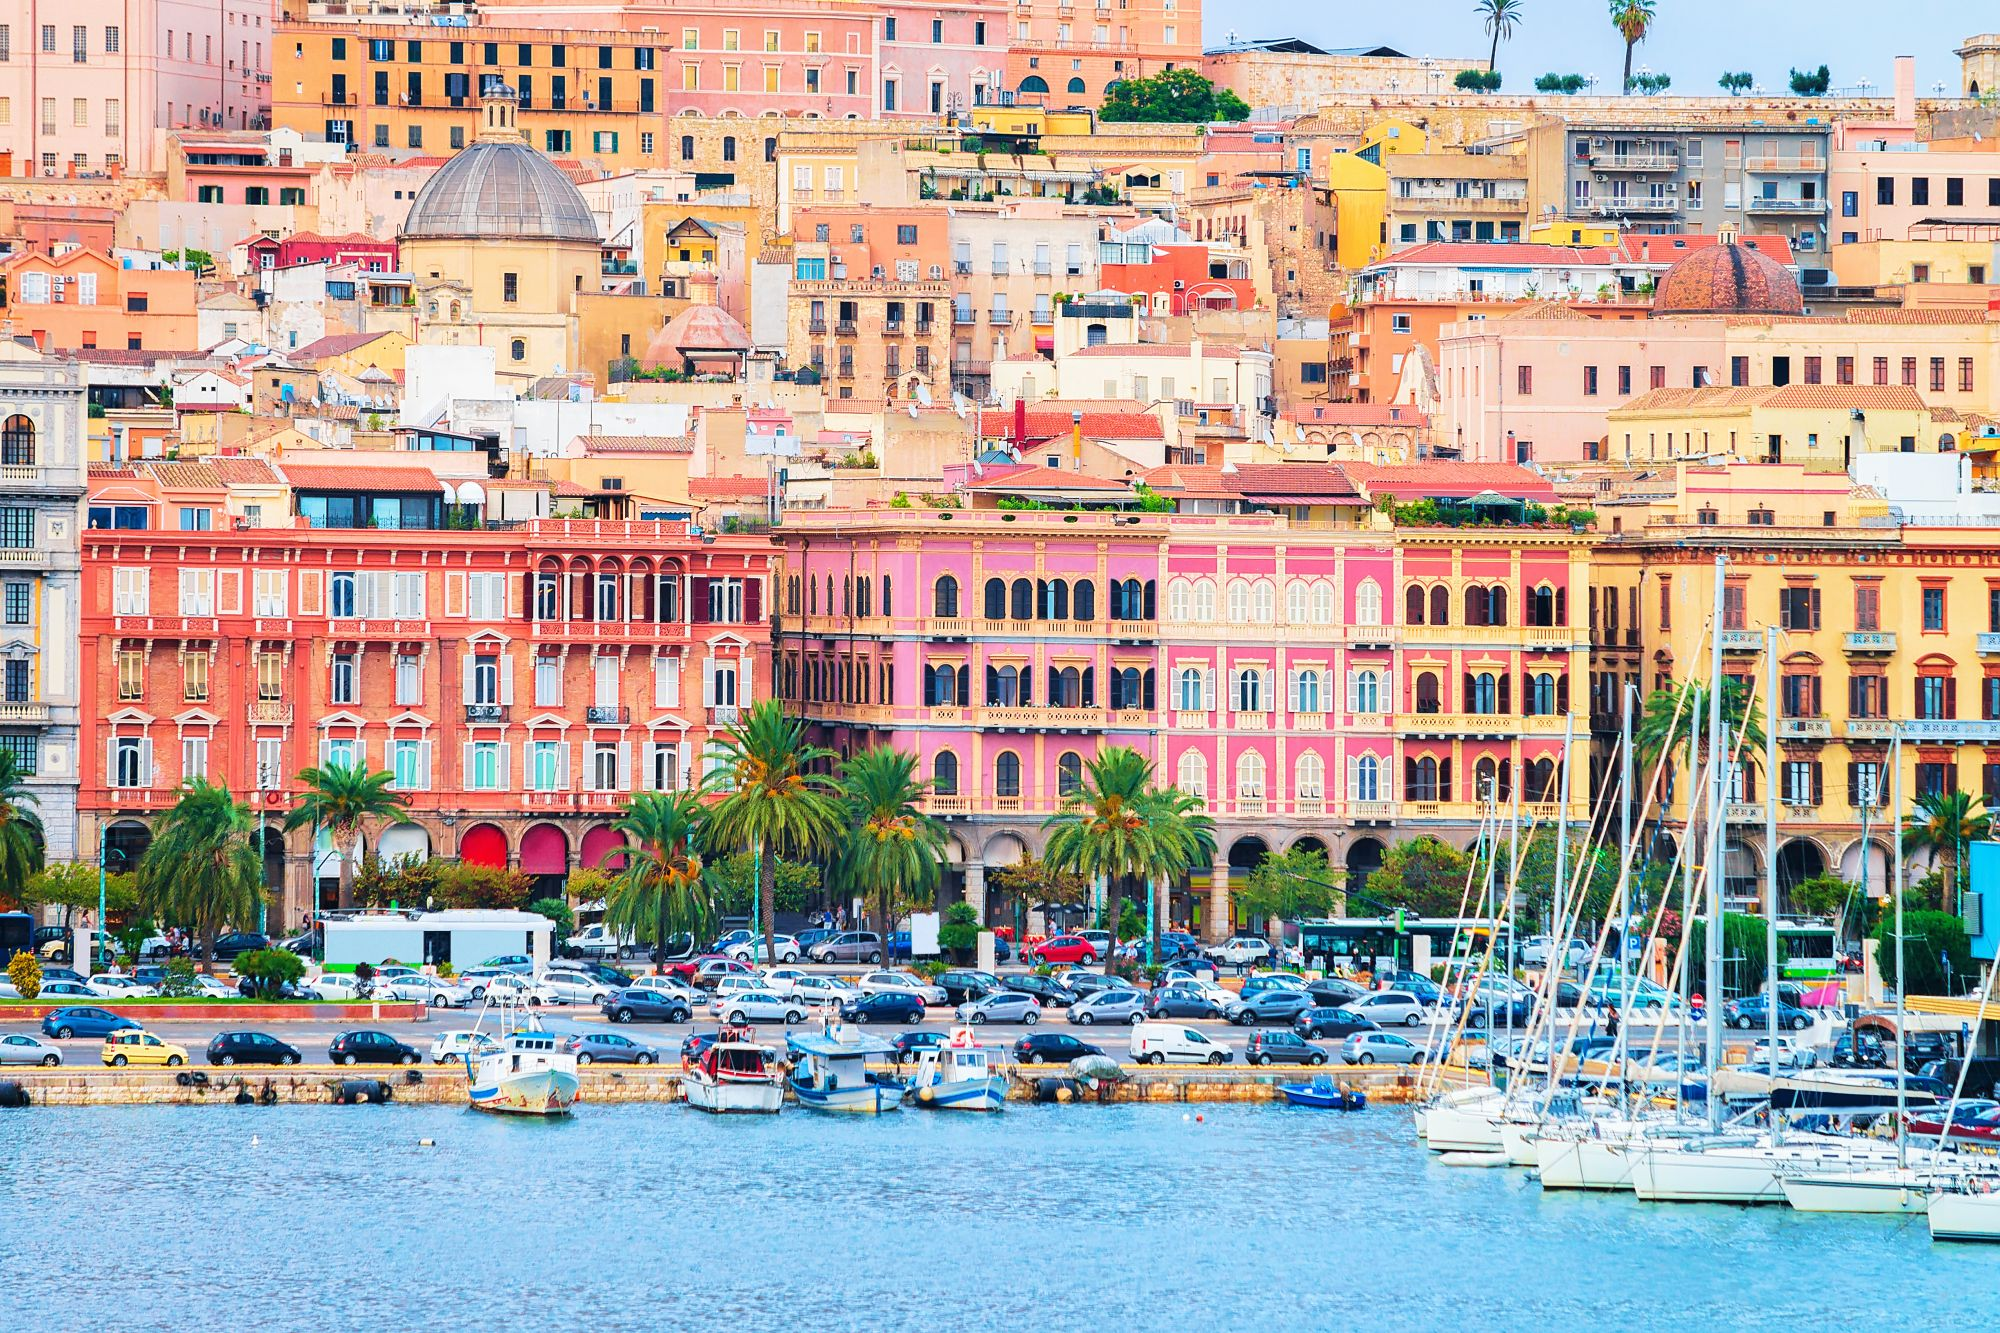 Cagliari widok miasta